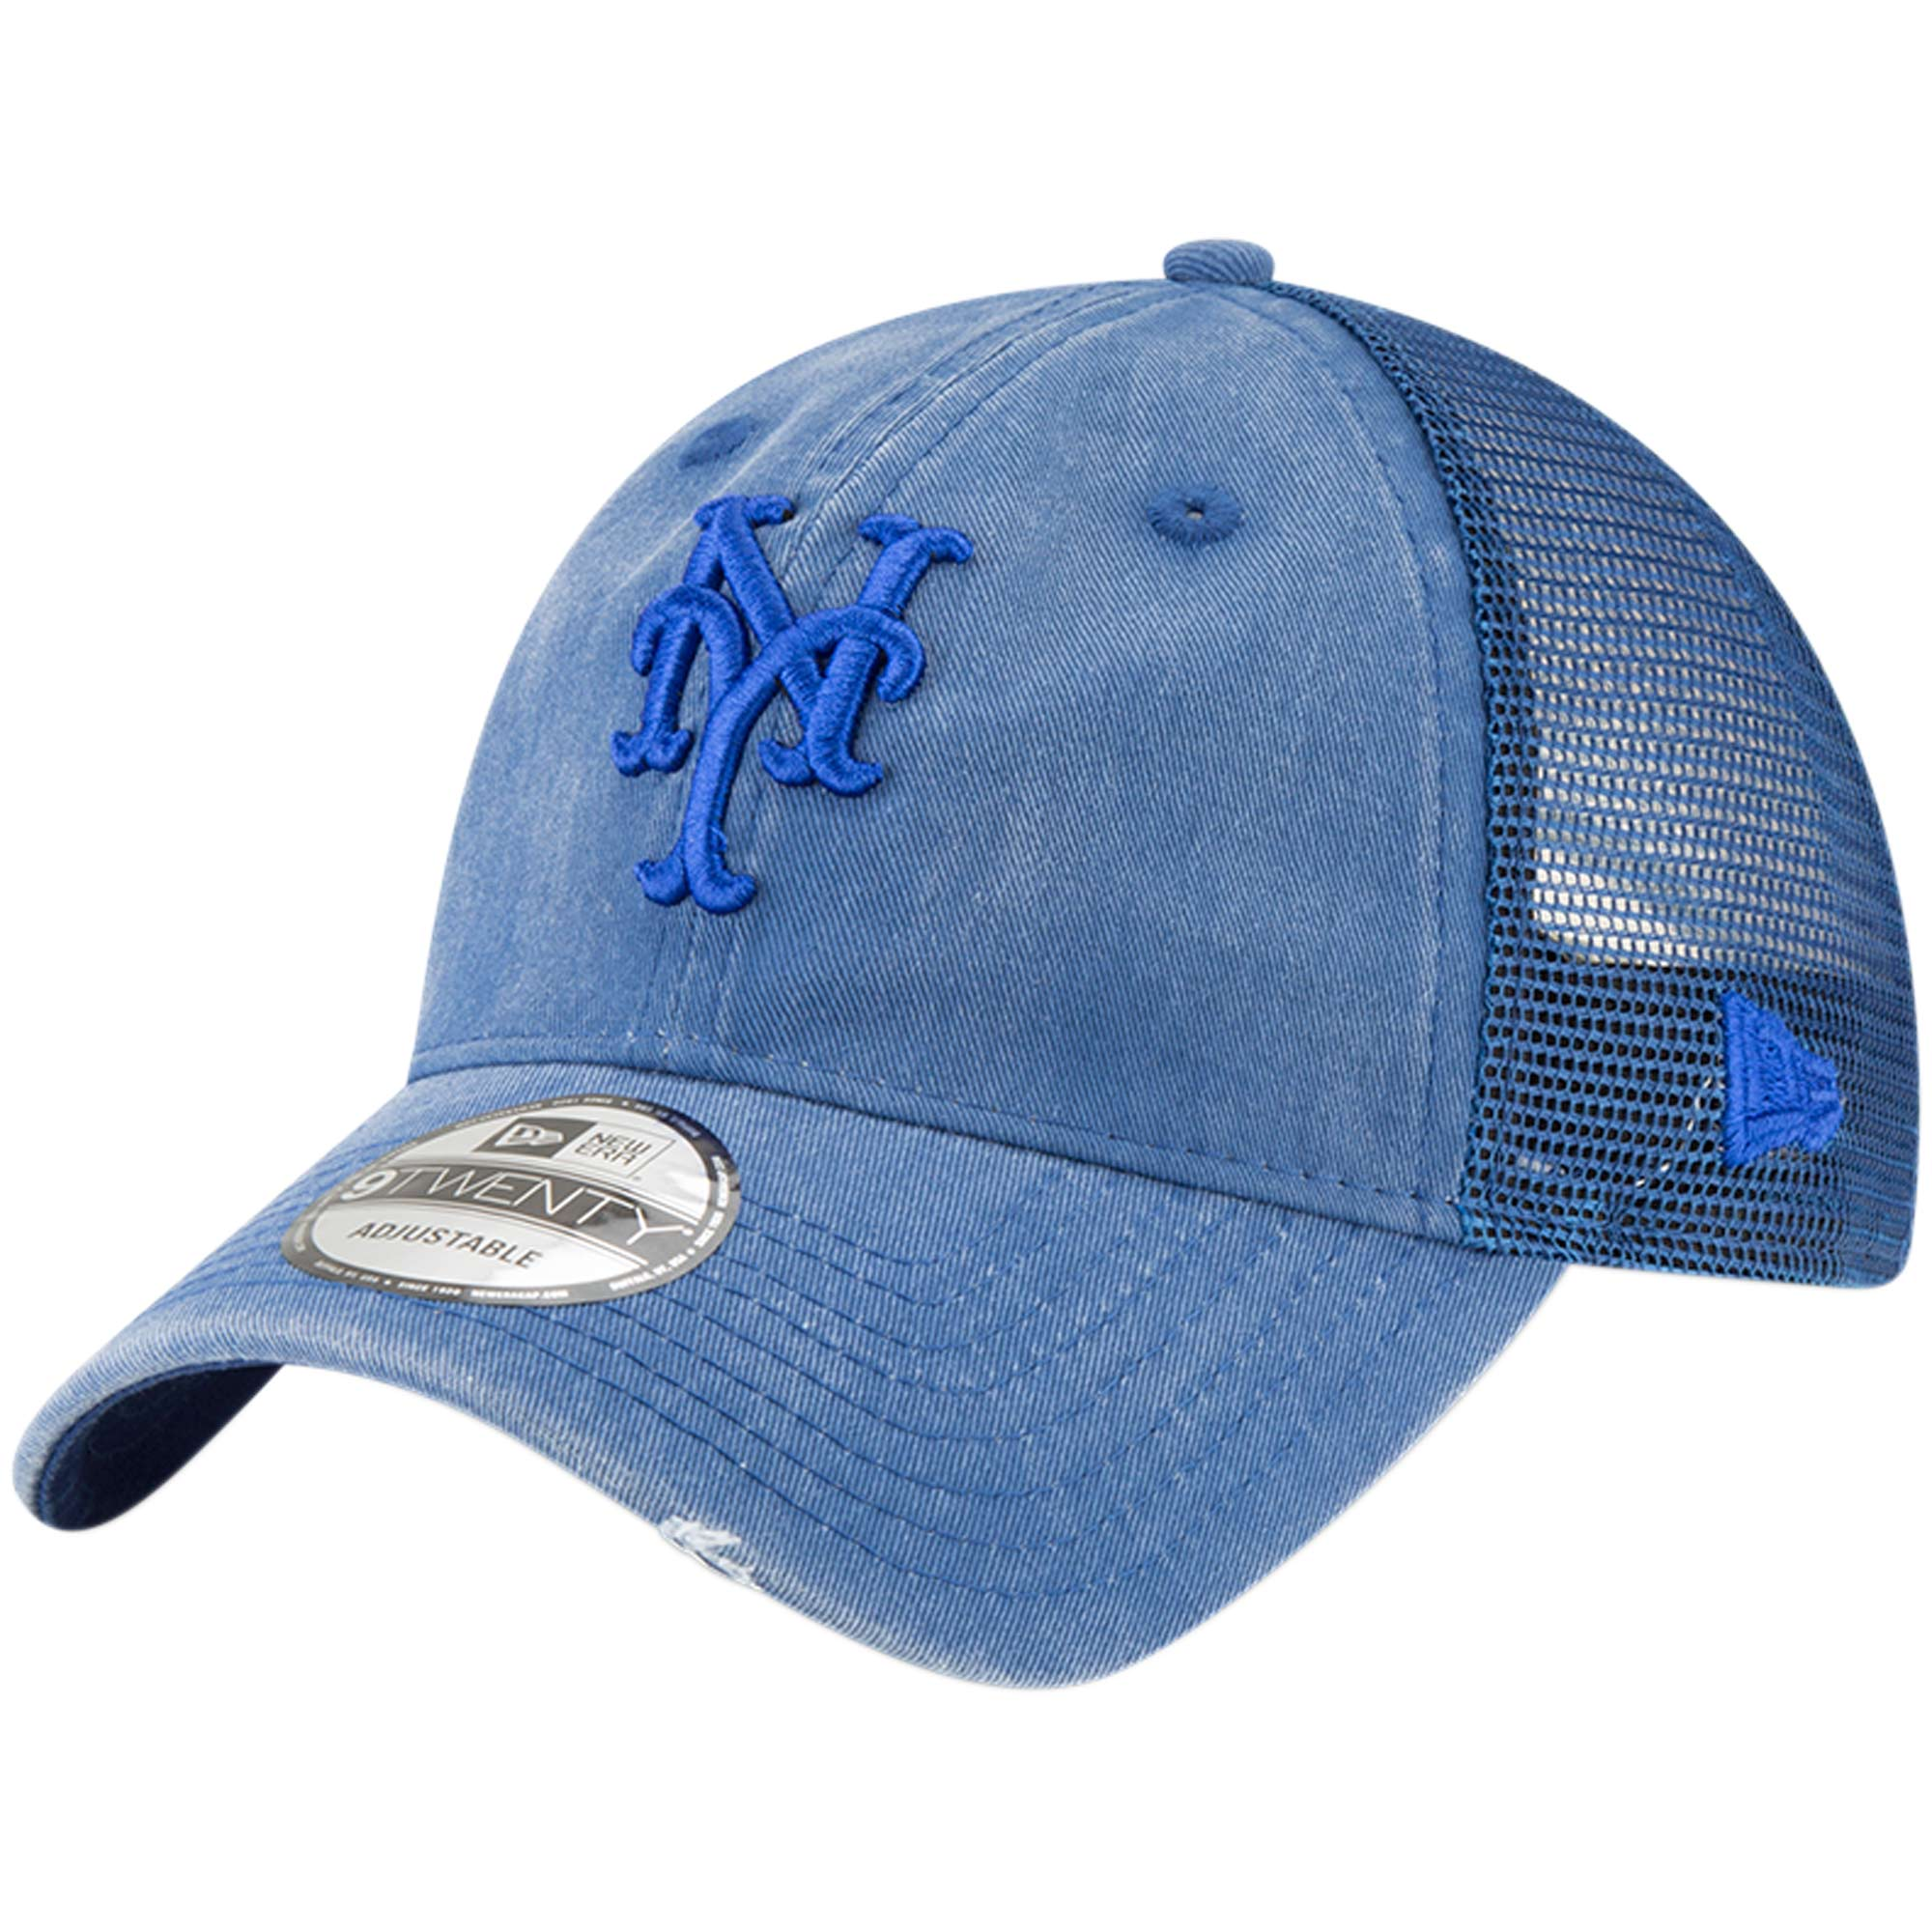 New York Mets New Era Tonal Washed 9TWENTY Adjustable Hat - Royal - OSFA